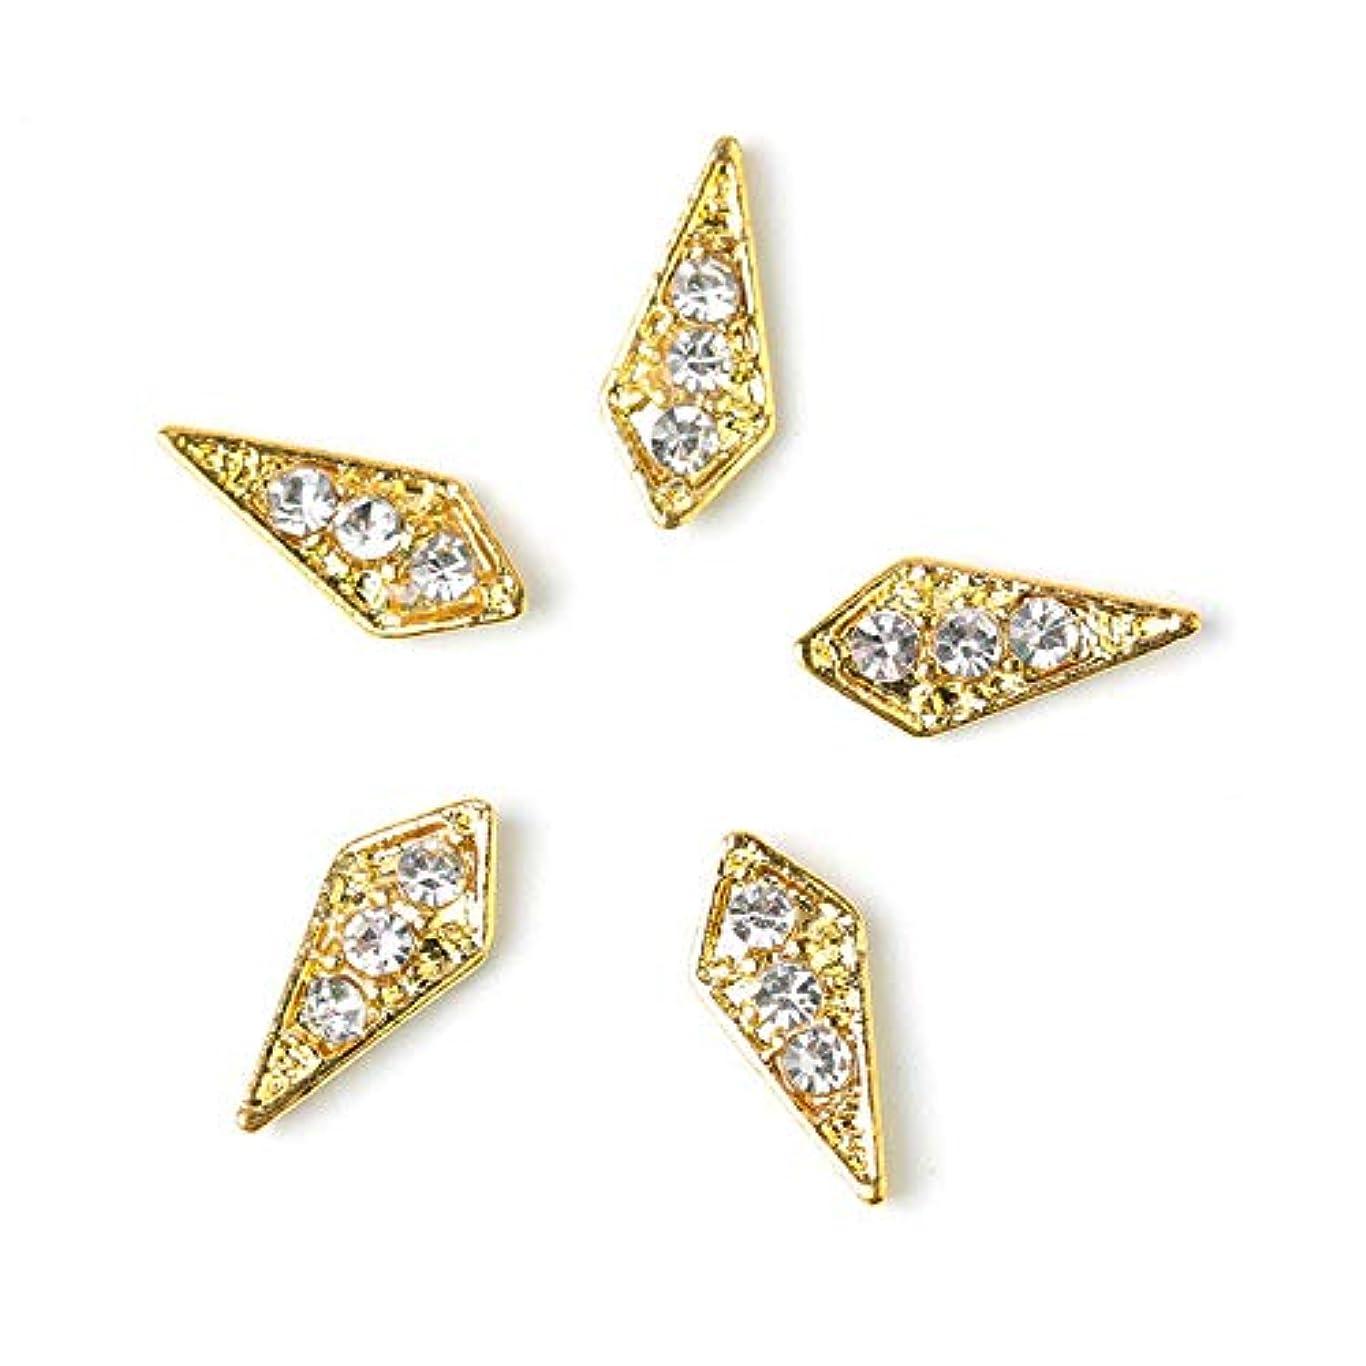 カートンスノーケル消化DIY 3Dネイルジュエリーペンダントきらめき10枚結晶明るい真珠のネイルラインストーン合金ネイルアート装飾を